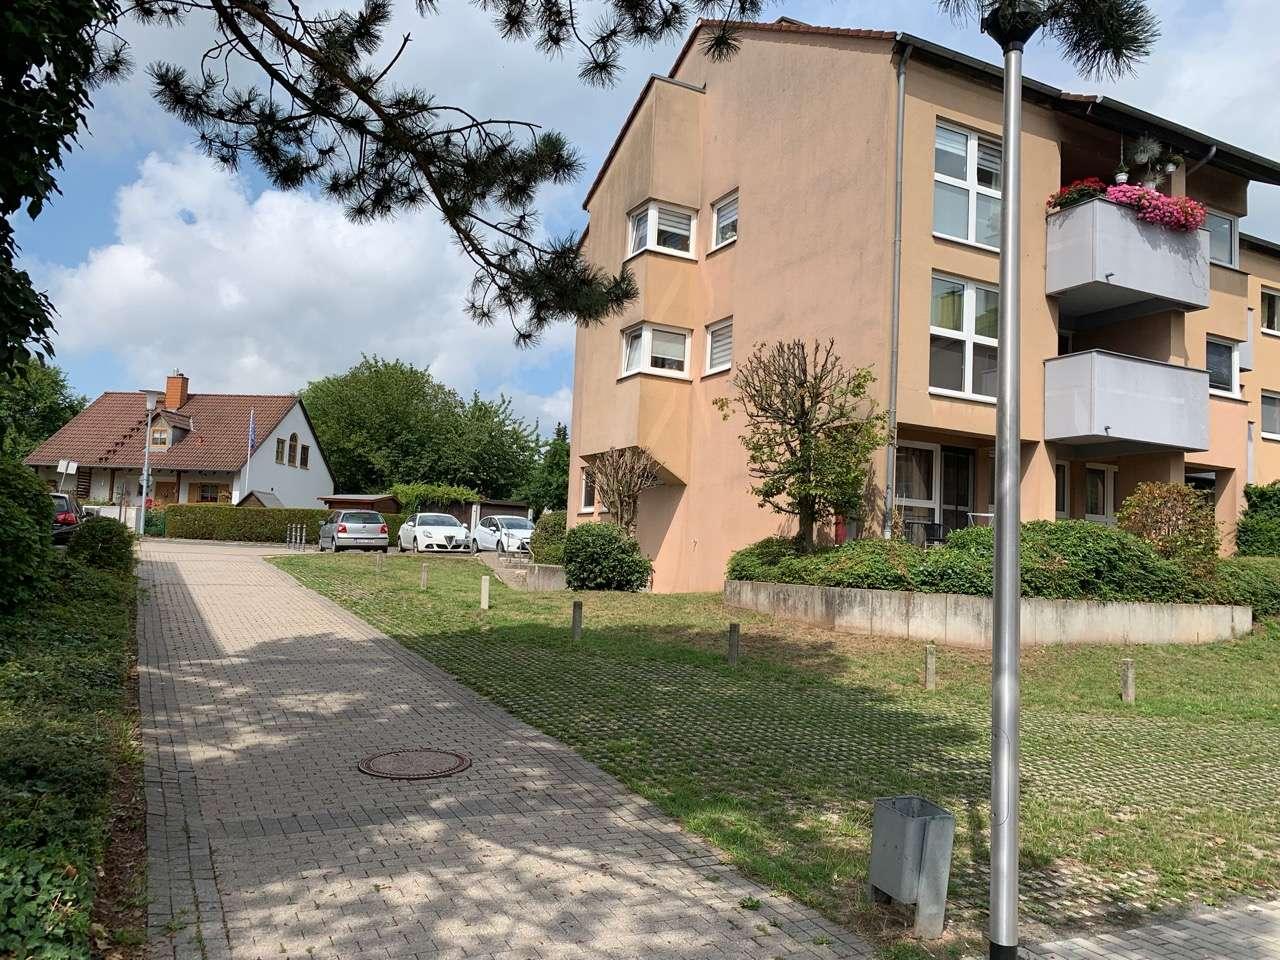 Gepflegte 2-Zimmer Wohnung in Rödental - Gnailes zu vermieten*WBS erforderlich* in Rödental